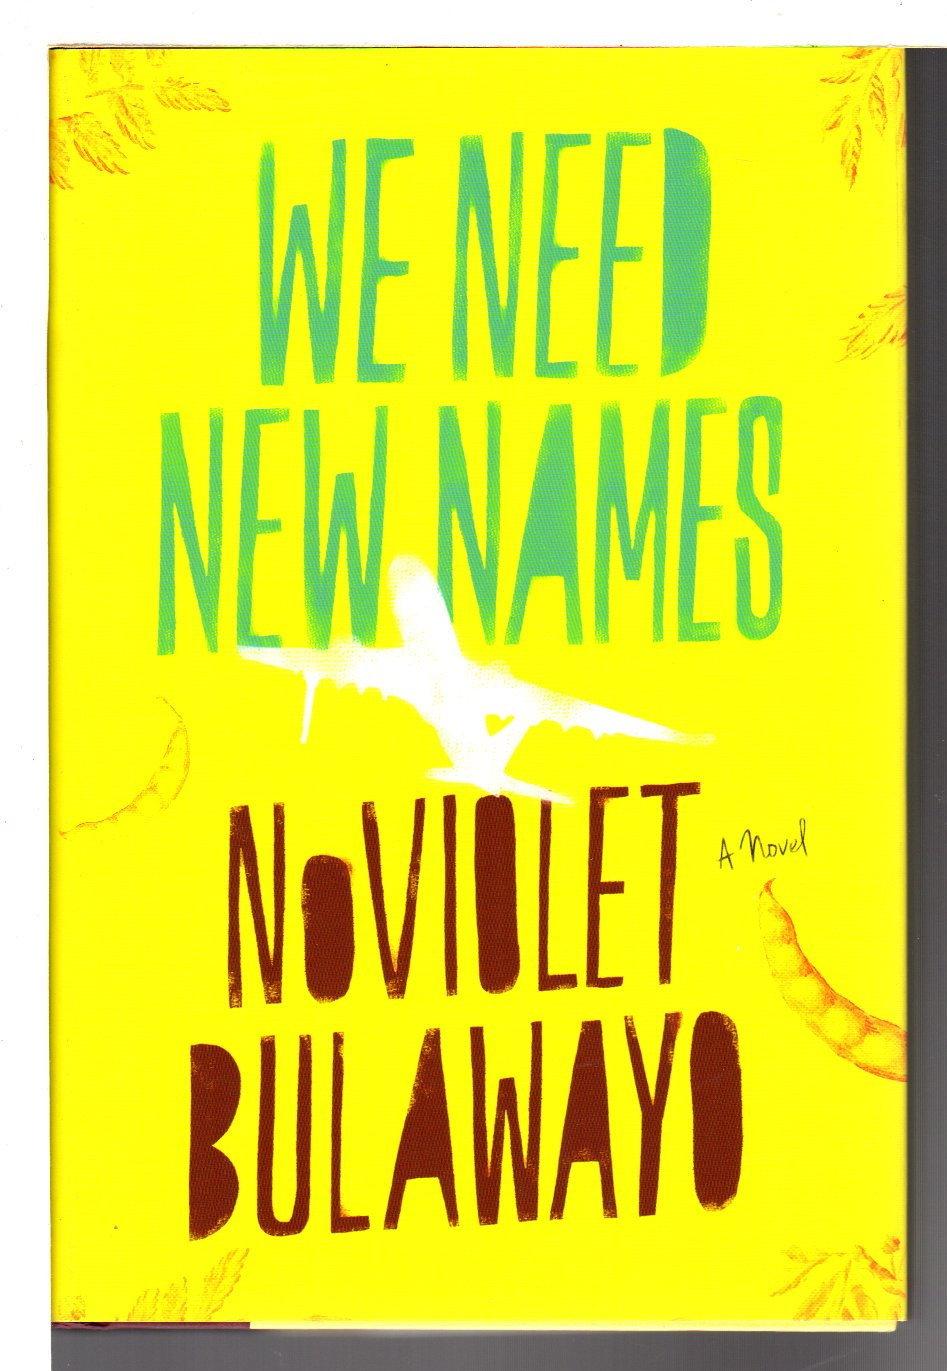 BULAWAYO, NOVIOLET. - WE NEED NEW NAMES.